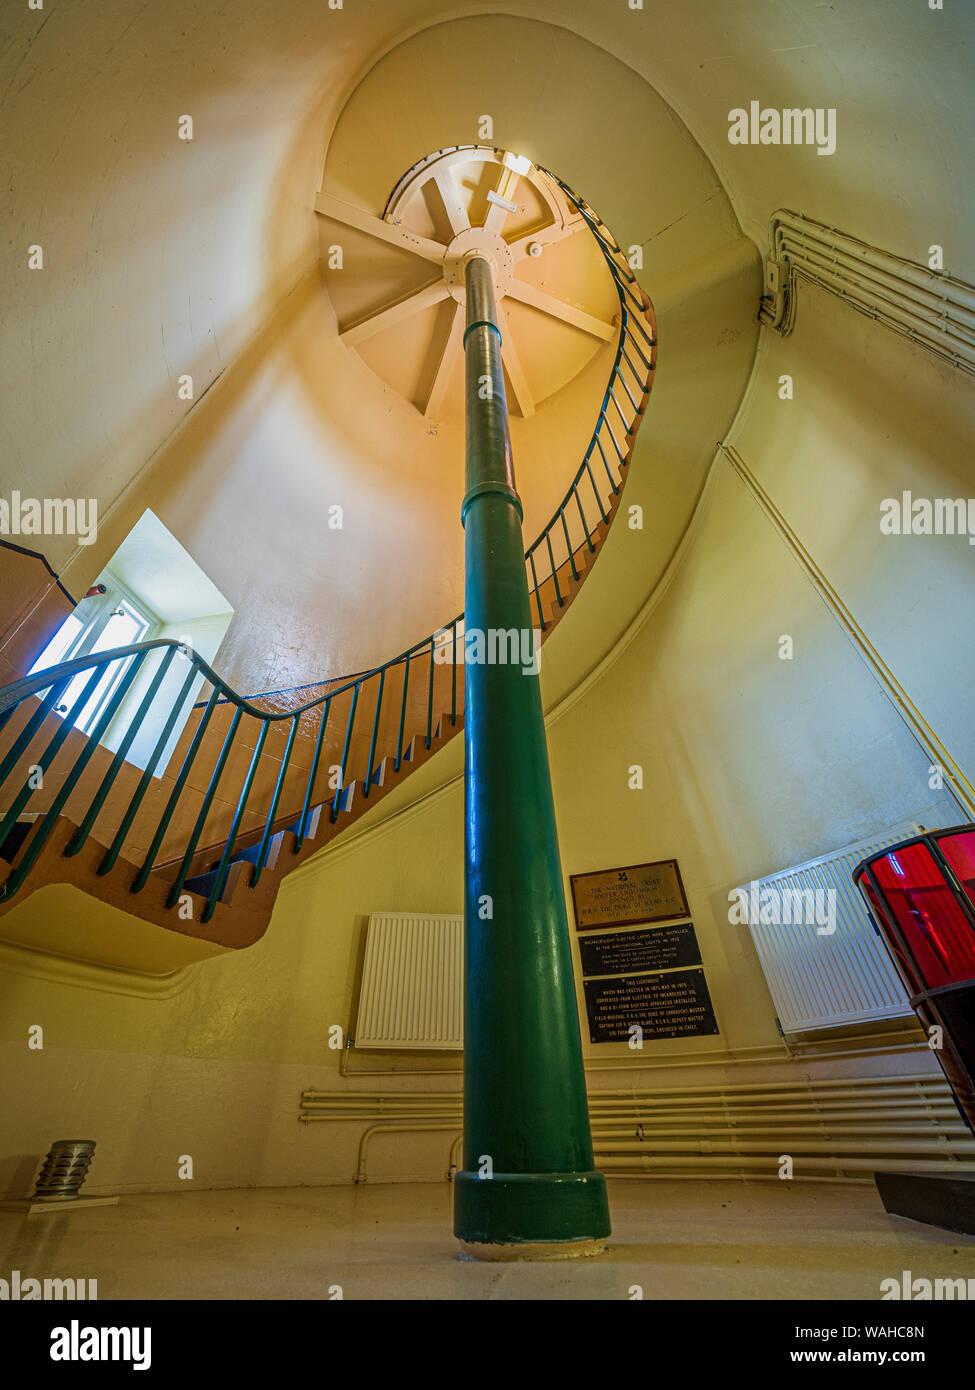 Una escalera interior de caracol, Souter Lighthouse en la aldea de Marsden, South Shields, Tyne & Desgaste, Reino Unido. Foto de stock